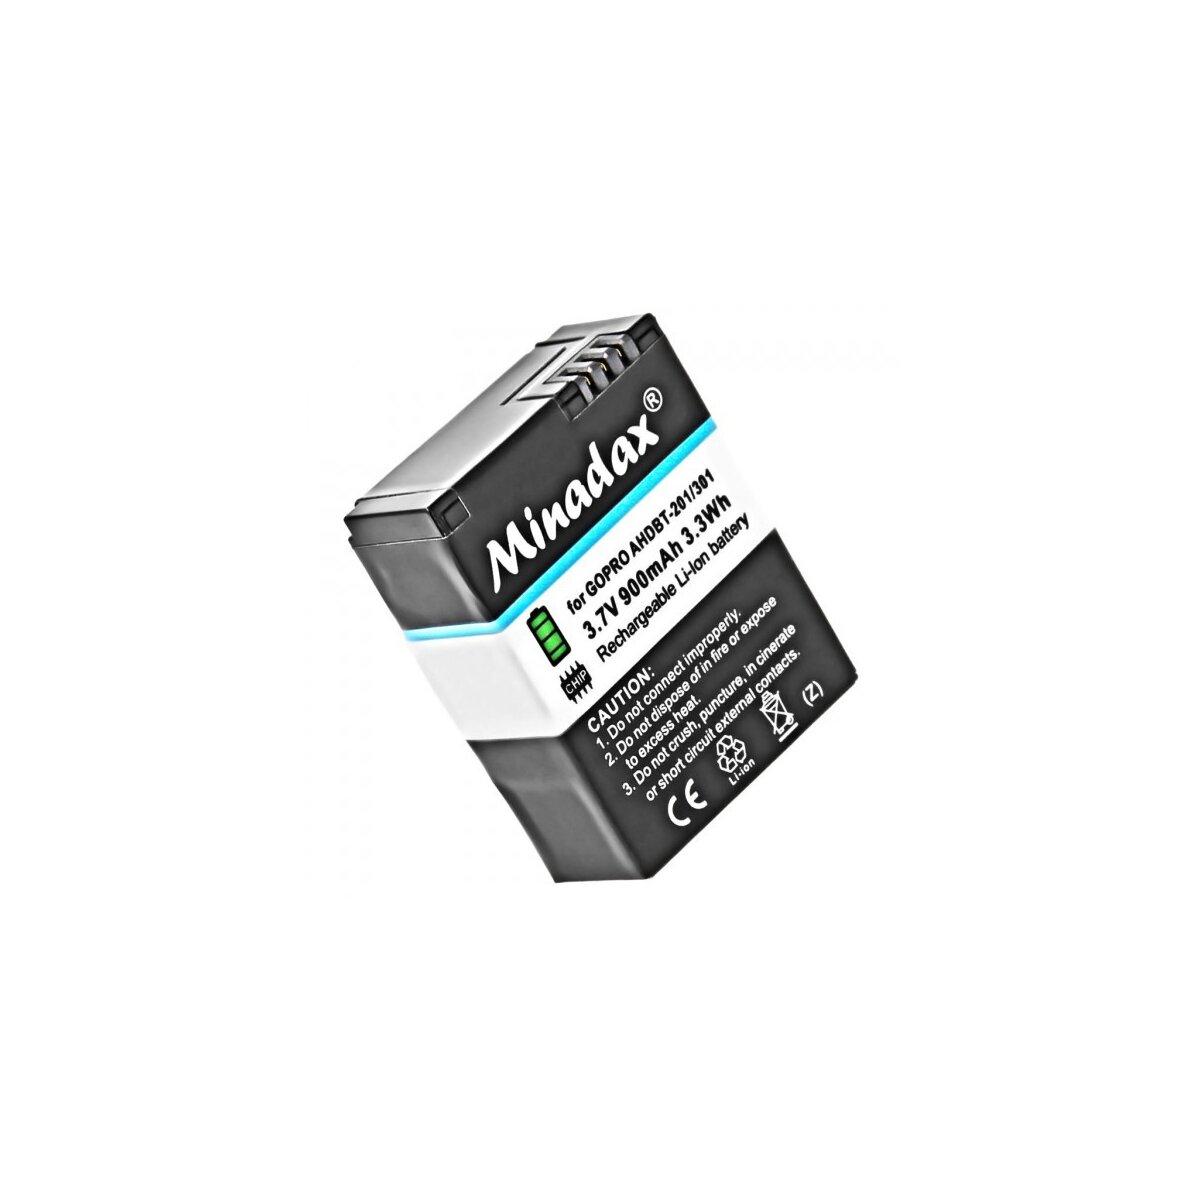 Minadax® Qualitaetsakku mit echten 900mAh fuer GoPro Hero 3 / Hero 3+ wie der AHDBT-302 / AHDBT-301 / AHDBT-201 - Intelligentes Akkusystem mit Chip